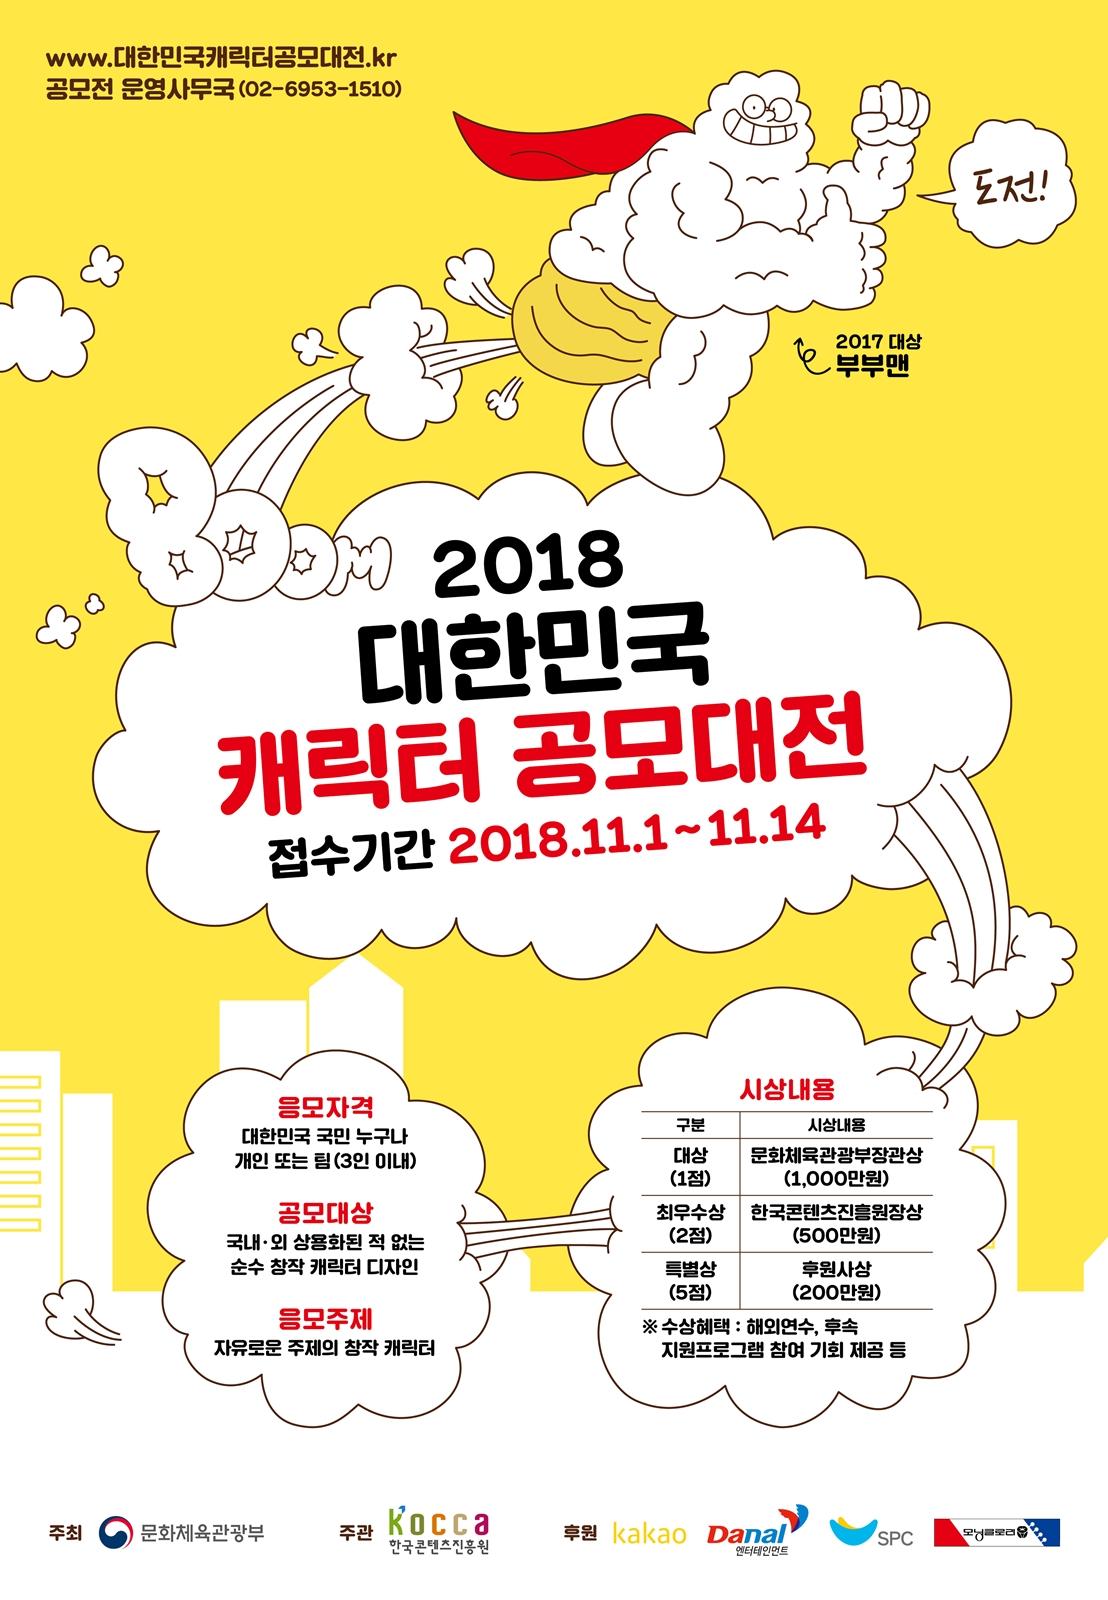 2018 대한민국 캐릭터 공모대전